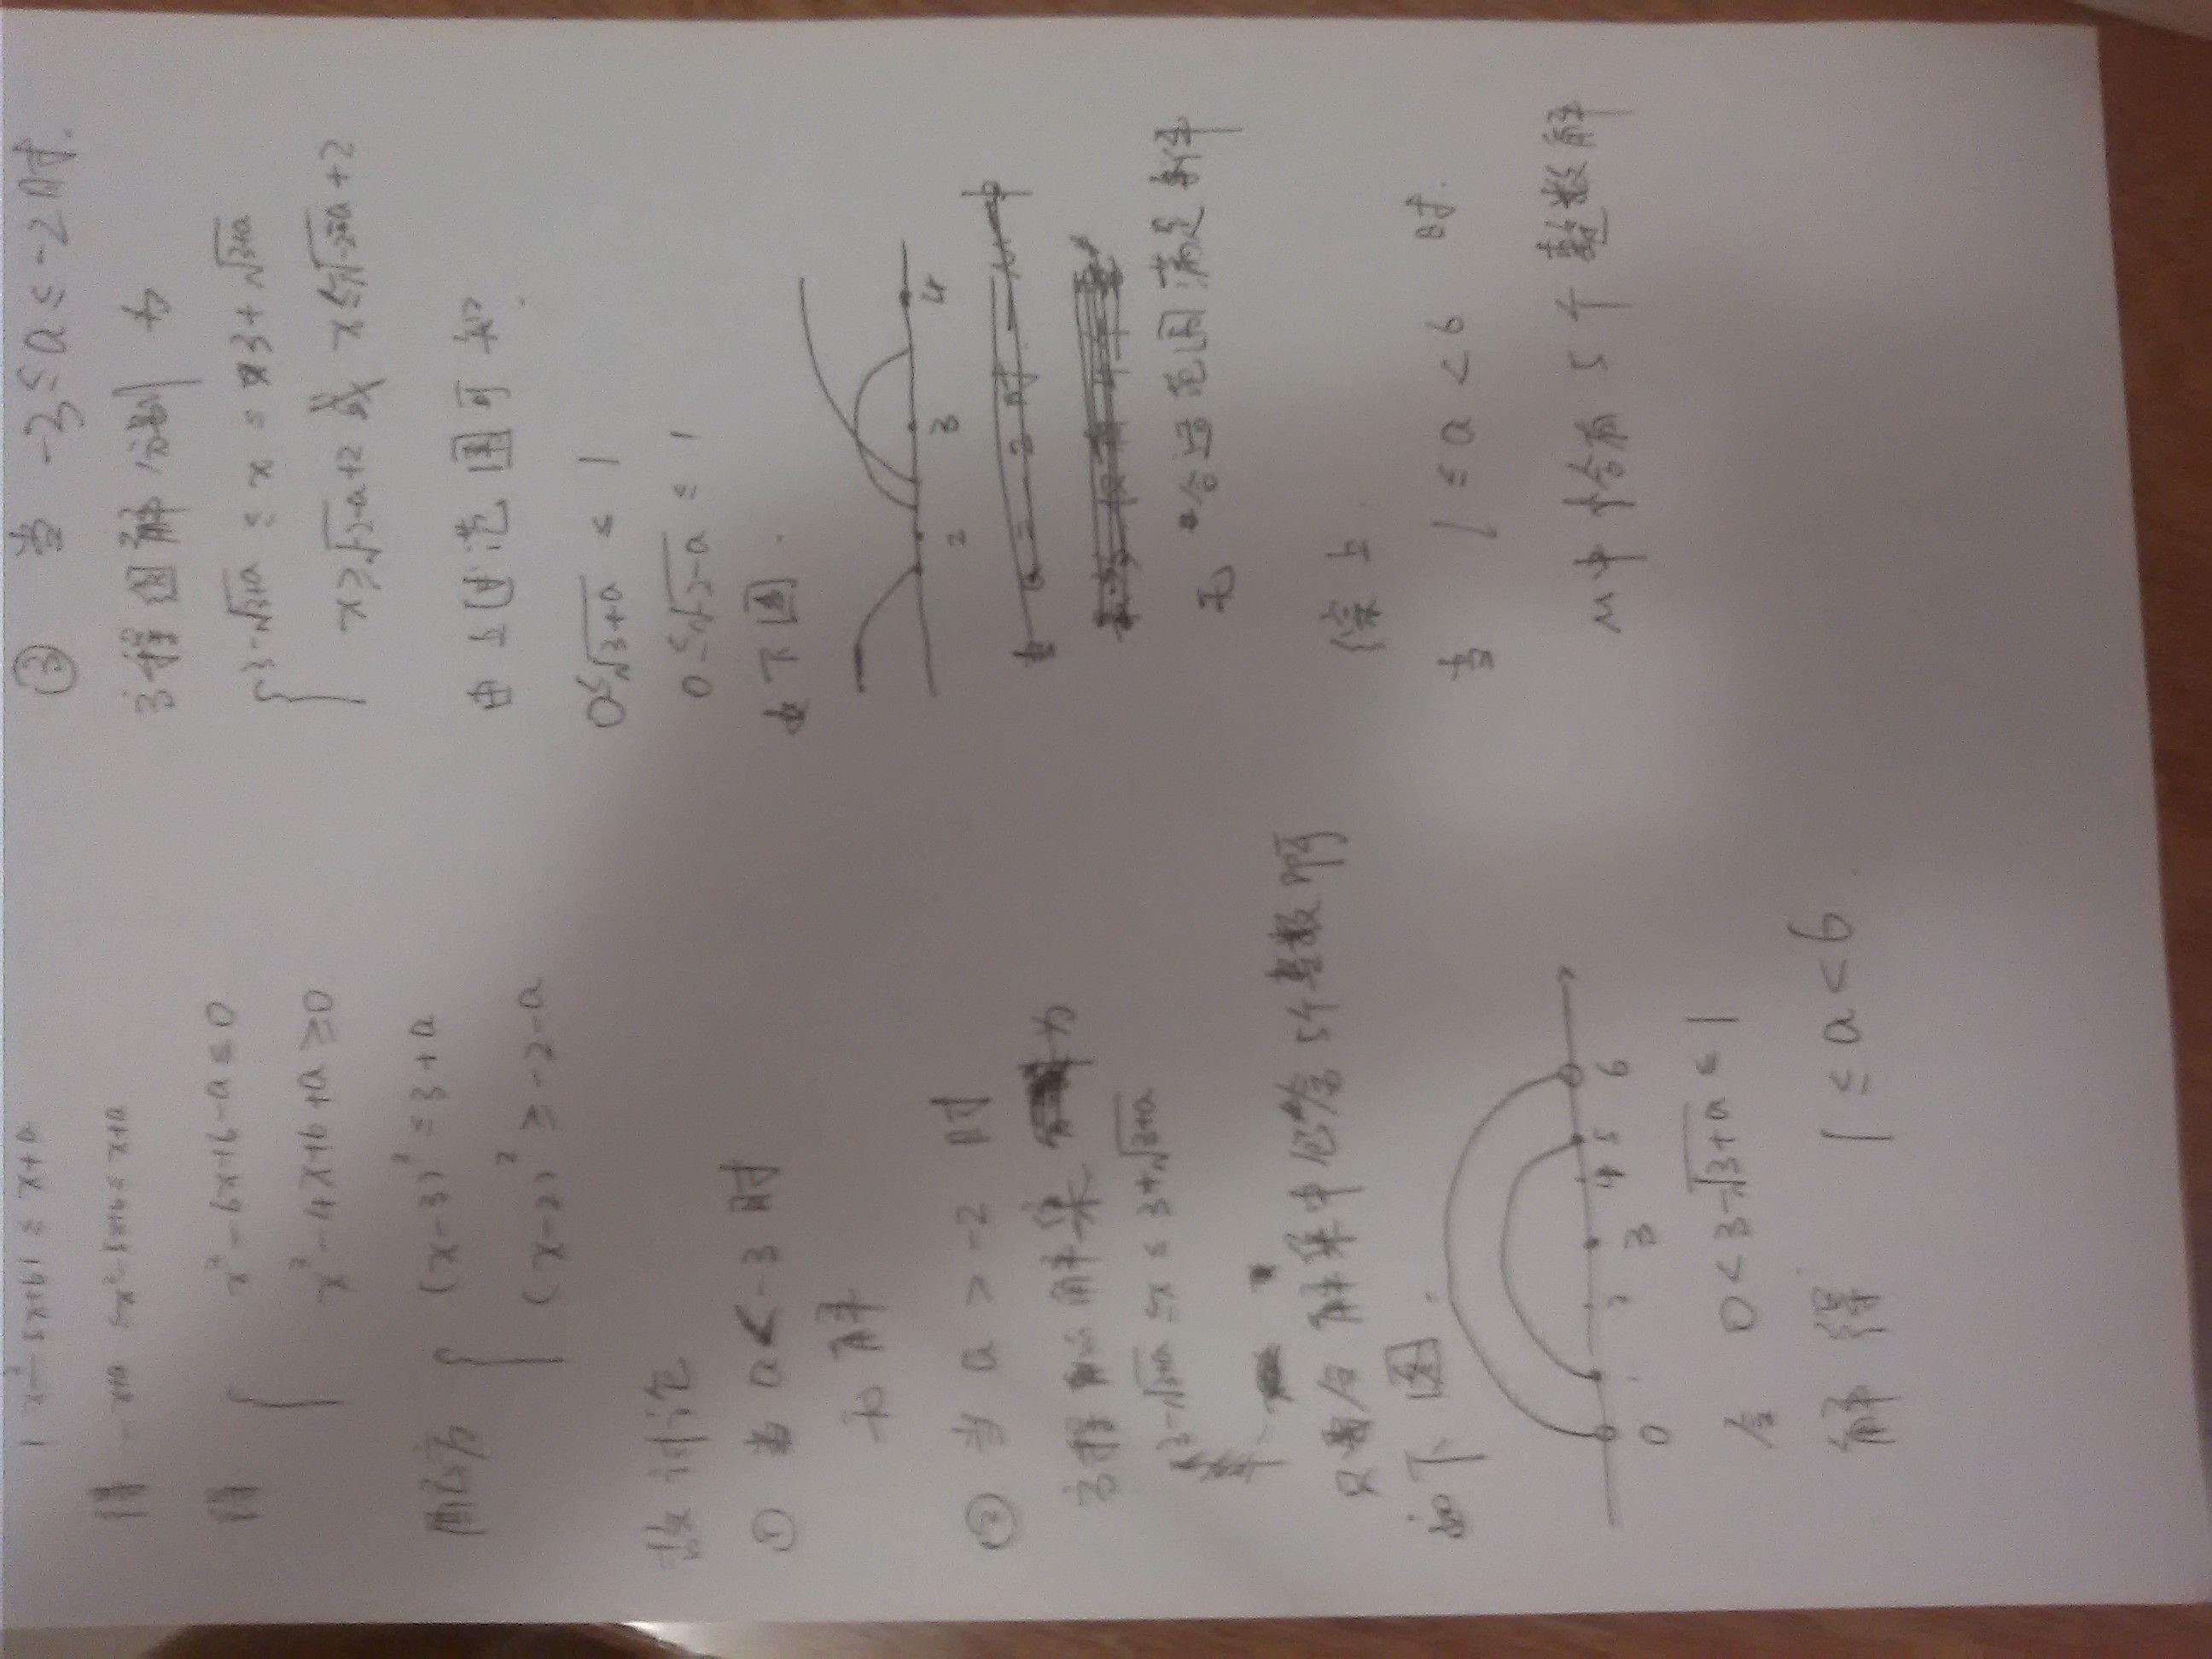 关于x的不等式 x05 5x 6 x a的解集m中恰有5个不高清图片